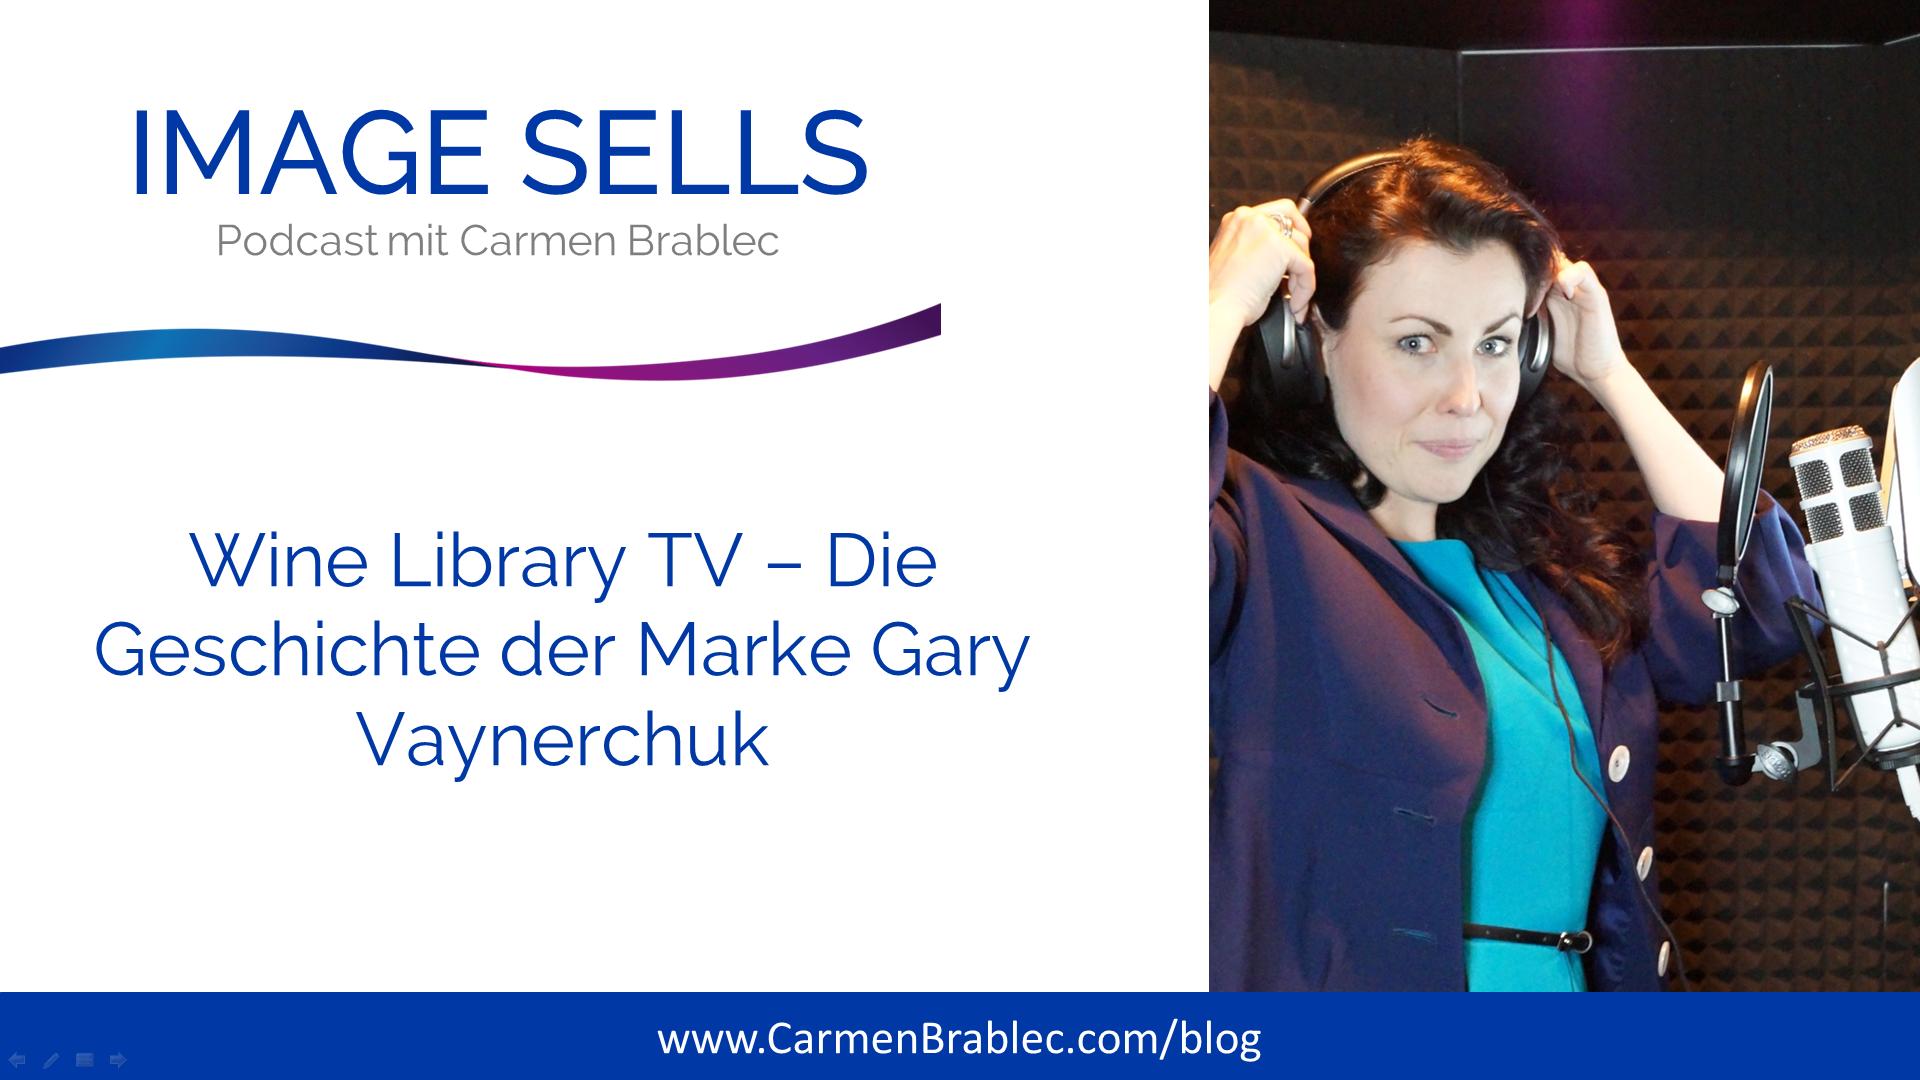 Wine Library TV – Die Geschichte der Marke Gary Vaynerchuk – ISP #008